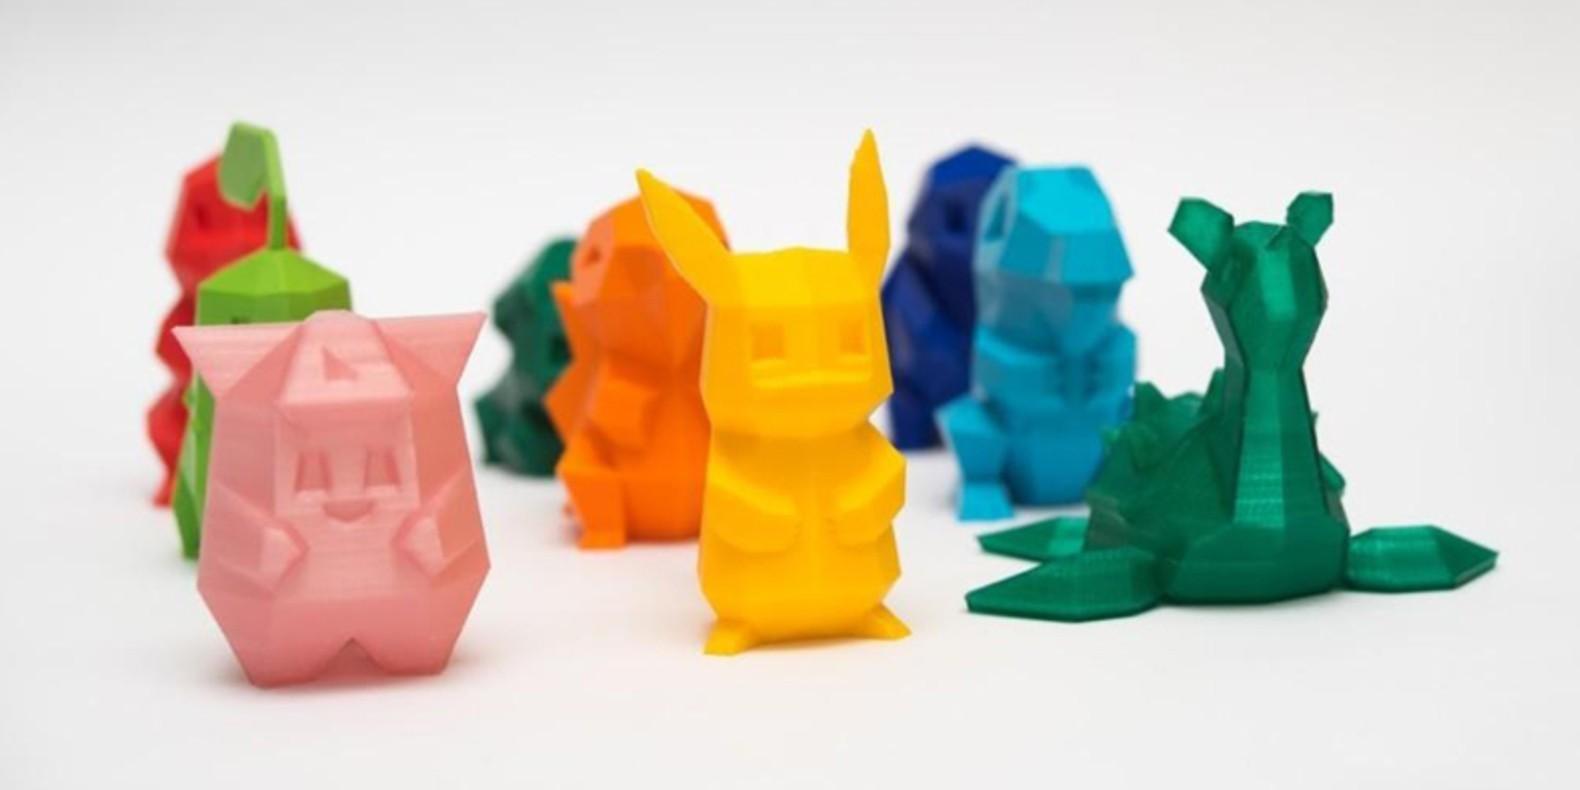 Encuentra aquí una selección de los mejores modelos 3D del universo Pokemon